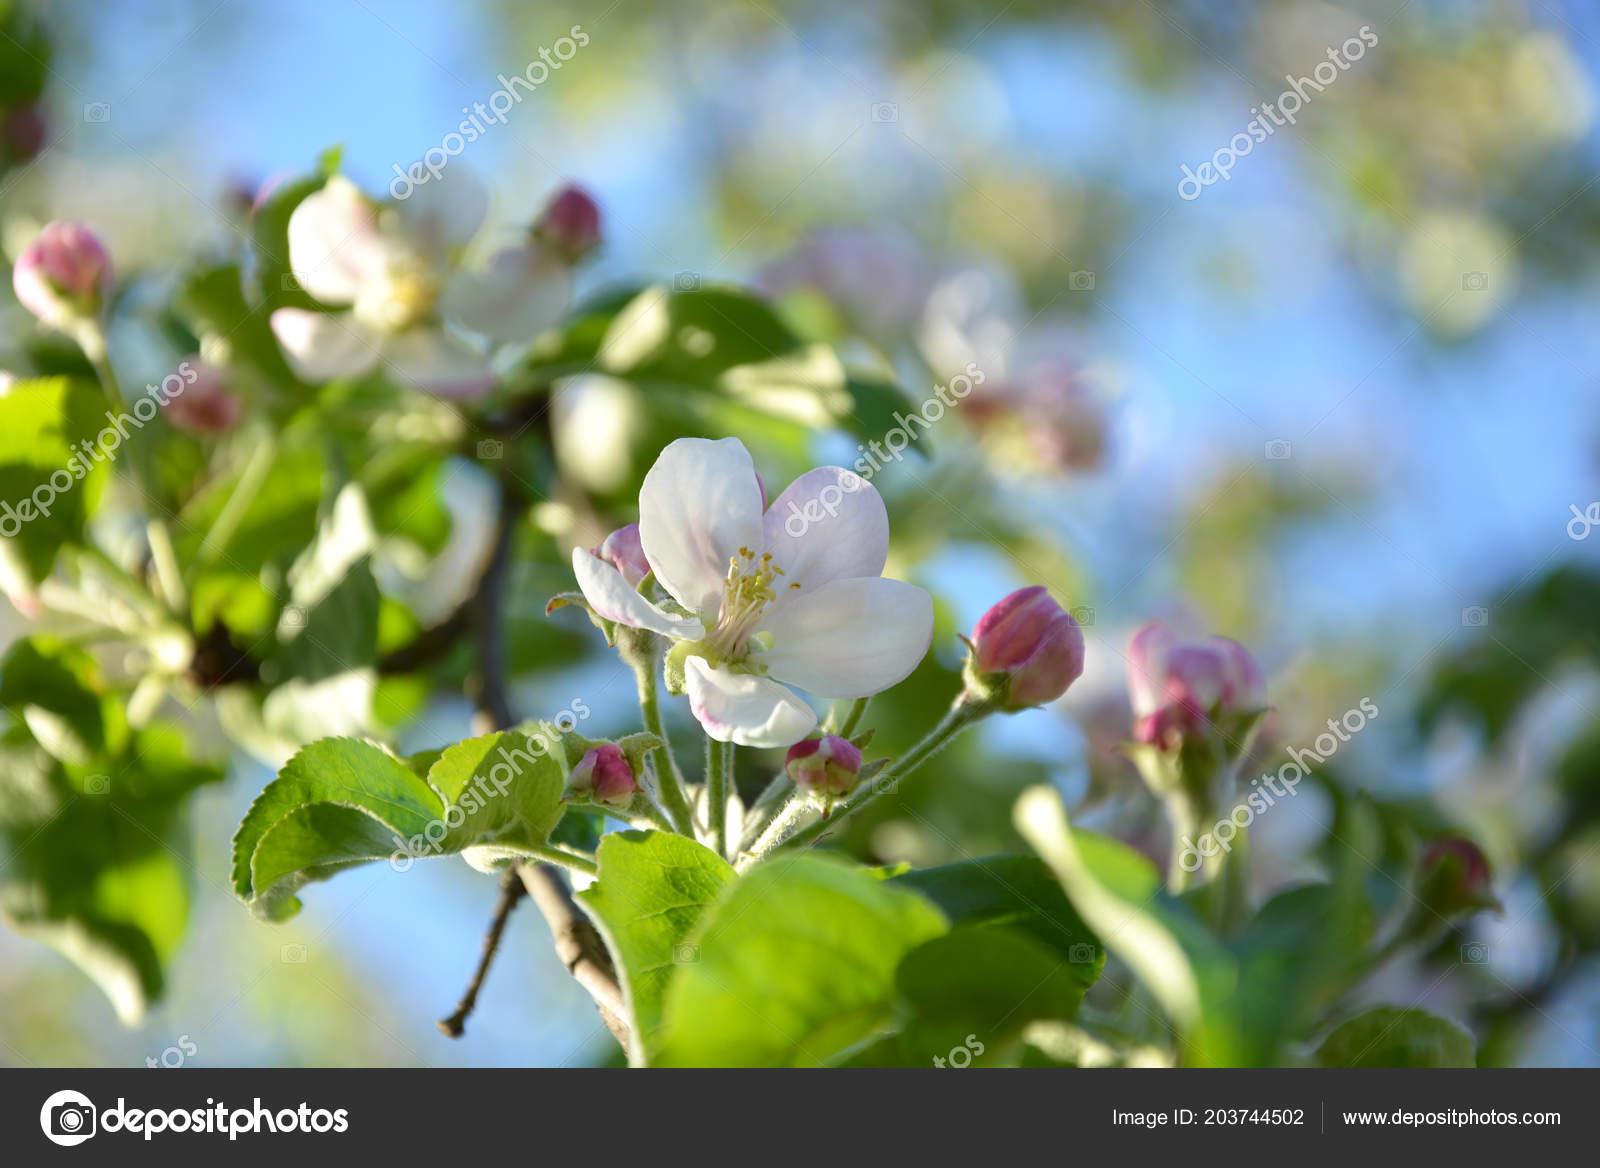 Spring Entdeckung Nein Kalender Hintergrundbilder: Wallpaper Mit Blühenden Apfelbaum Frühling Apple Ast